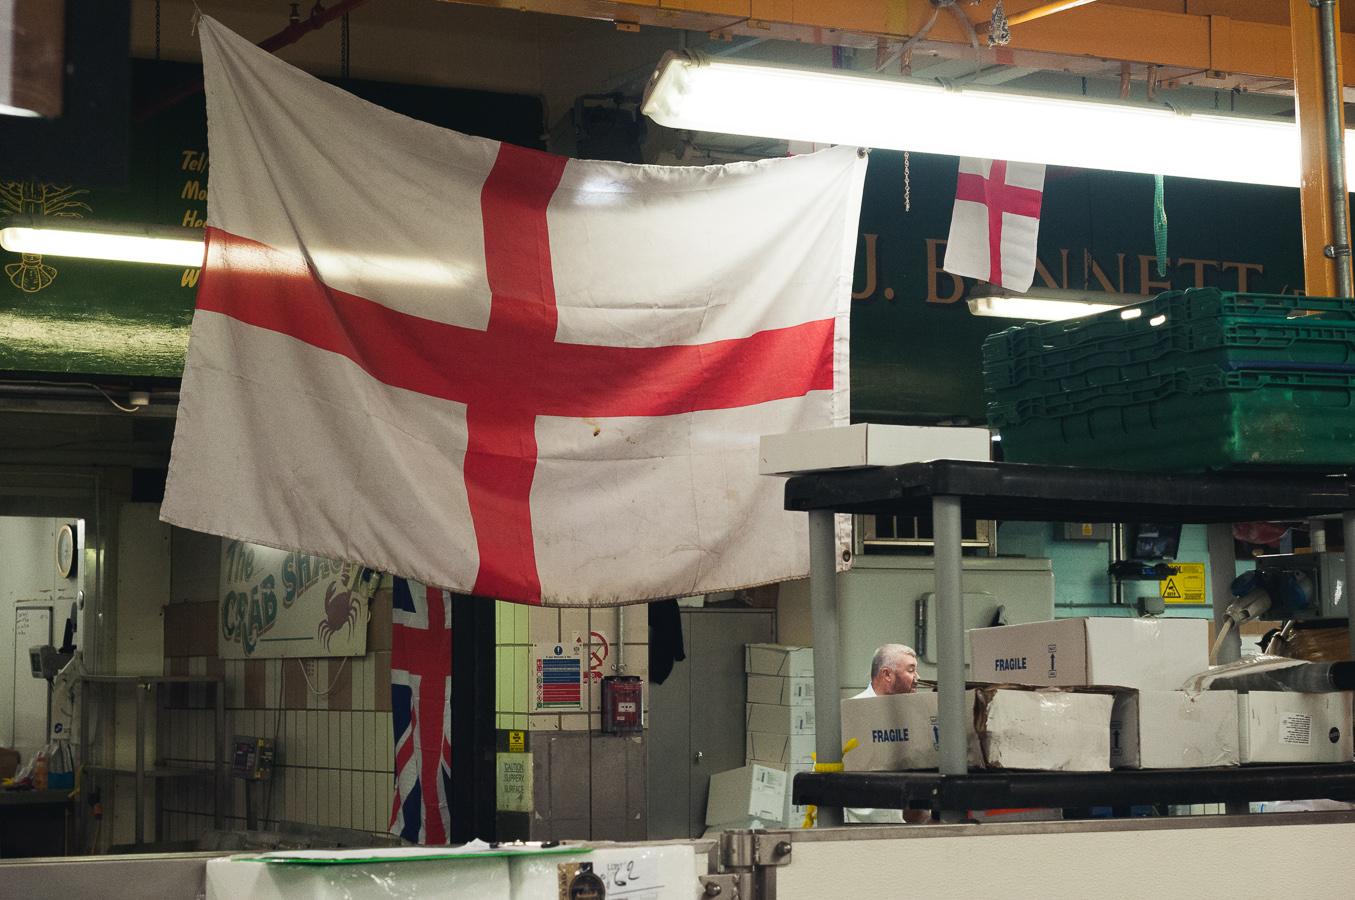 billings-gate-market-england-flag.jpg